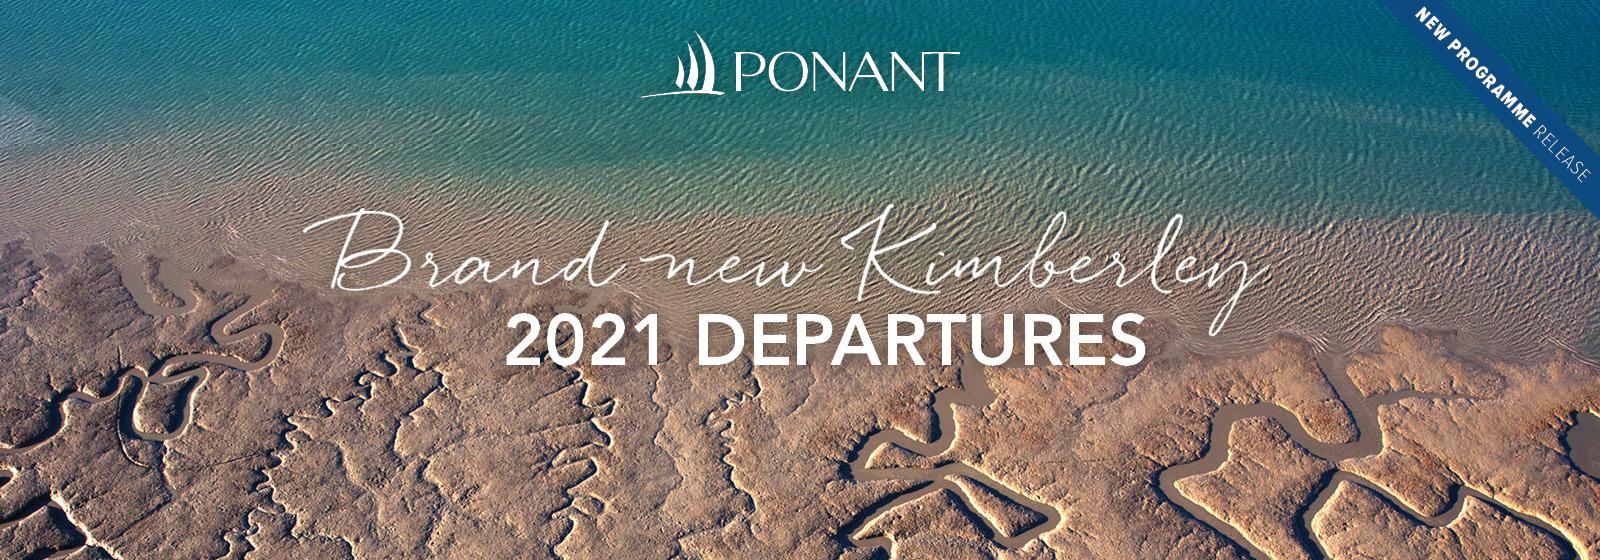 ponant-new